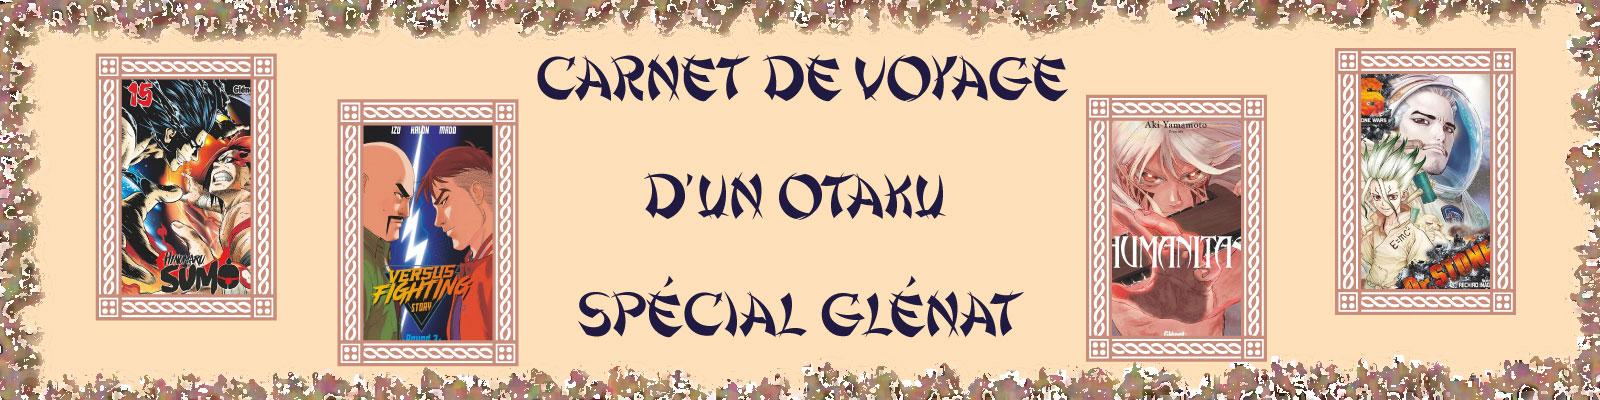 Carnet de voyage-glénat